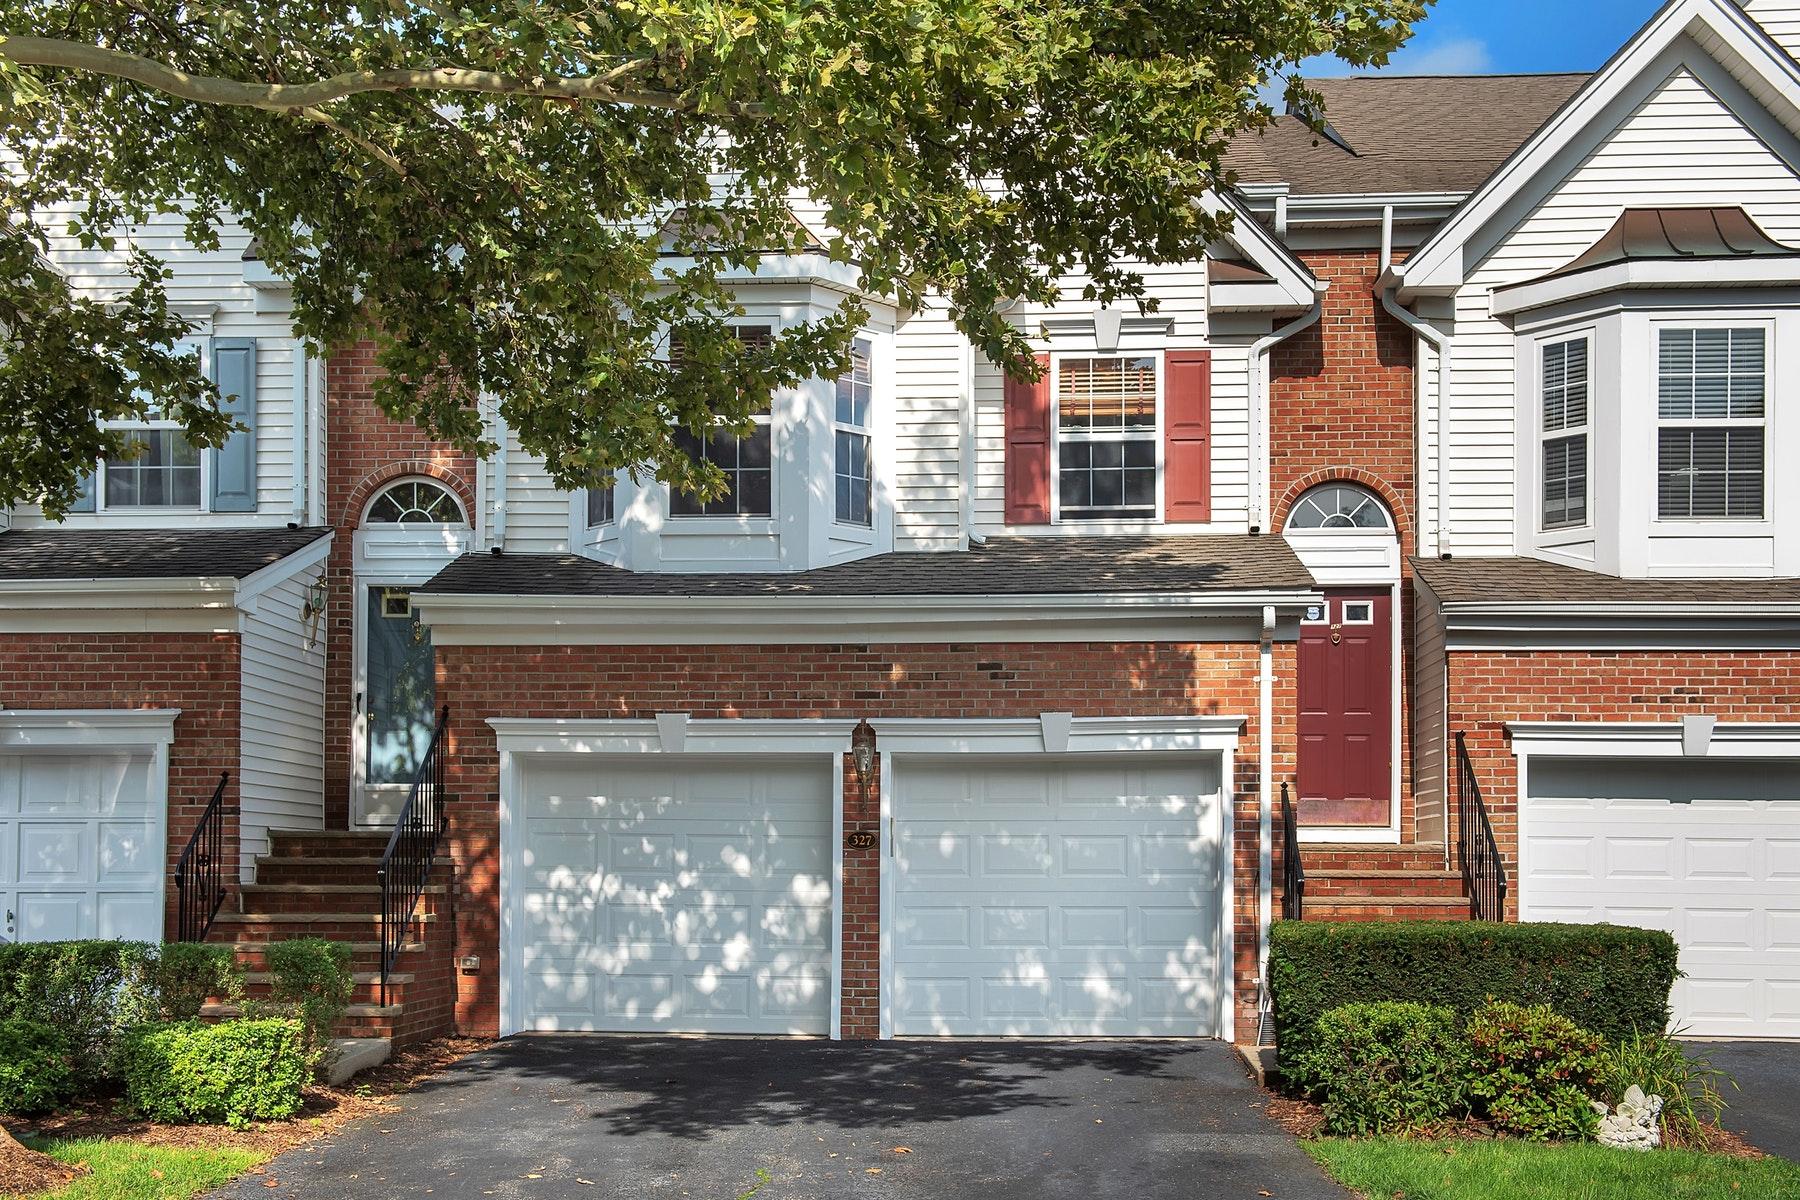 Σπίτι στην πόλη για την Πώληση στο Cambridge Heights Condo 327 Winthrop Drive, Nutley, Νιου Τζερσεϋ 07110 Ηνωμένες Πολιτείες